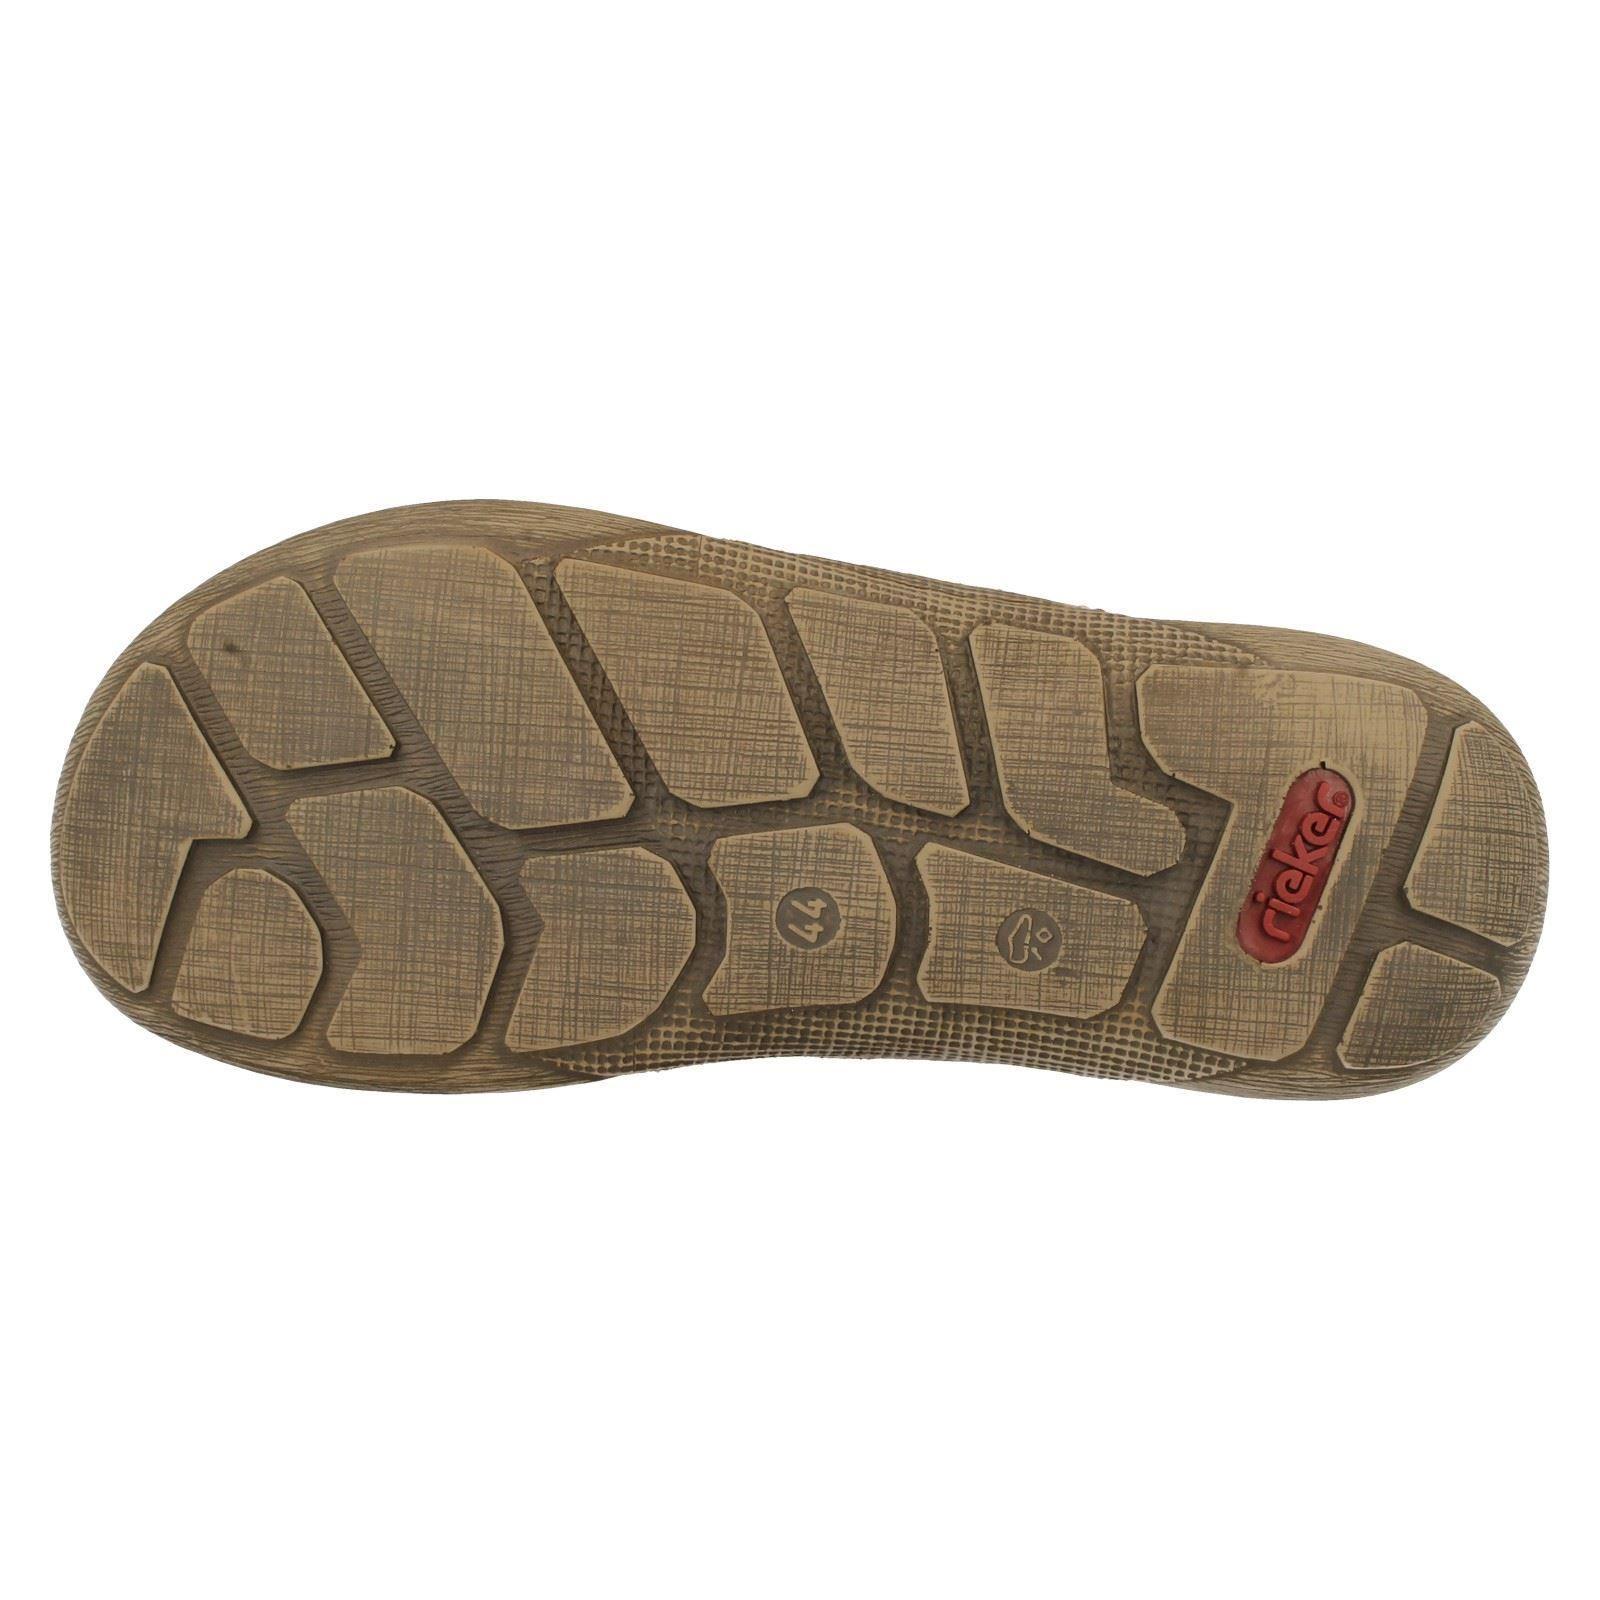 Sandali e scarpe per il Uomo mare da uomo Da Uomo il Rieker Sandali